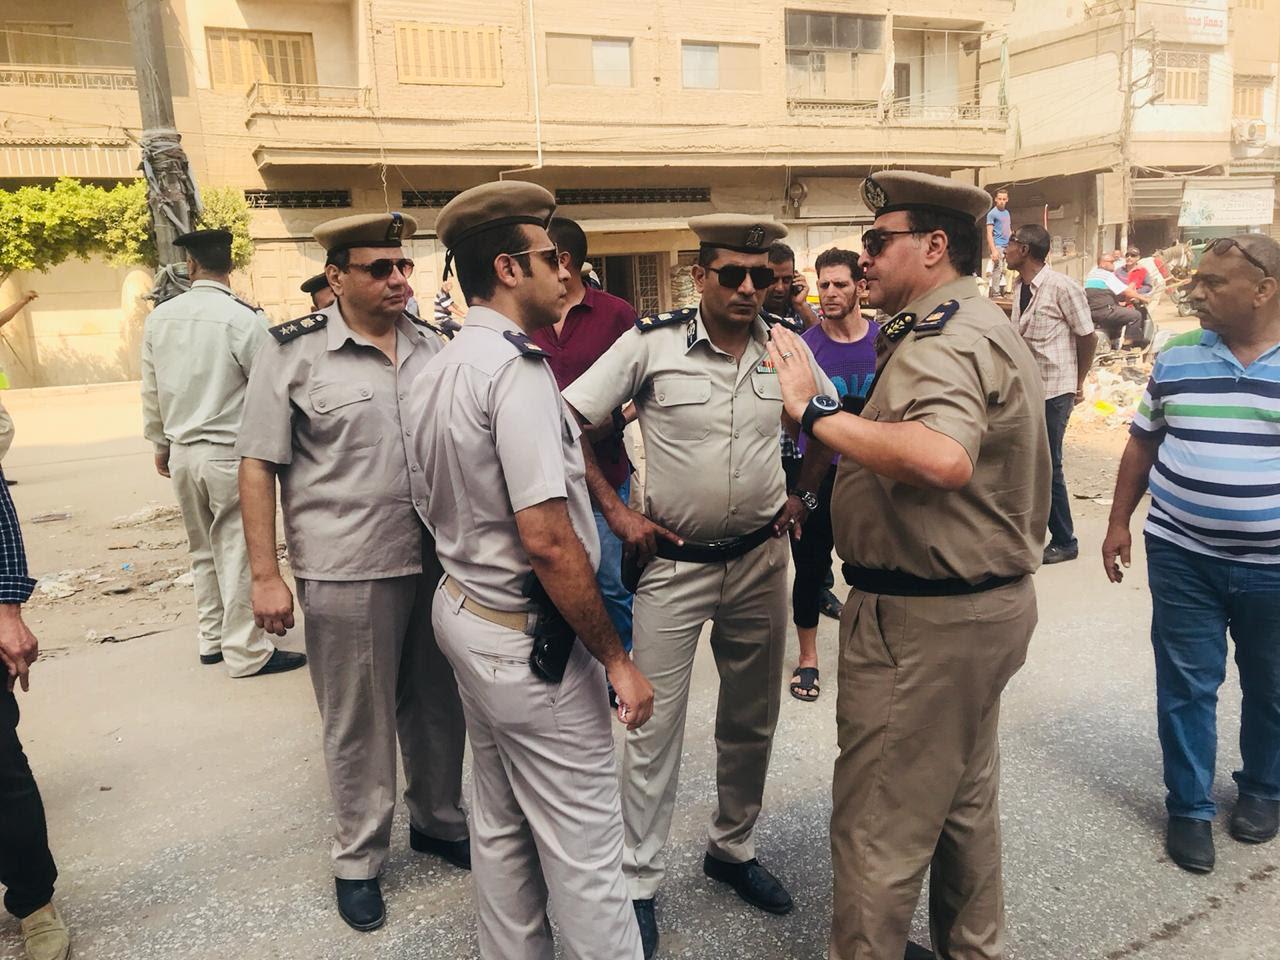 قيادات من جهاز الشرطة خلال الحملة